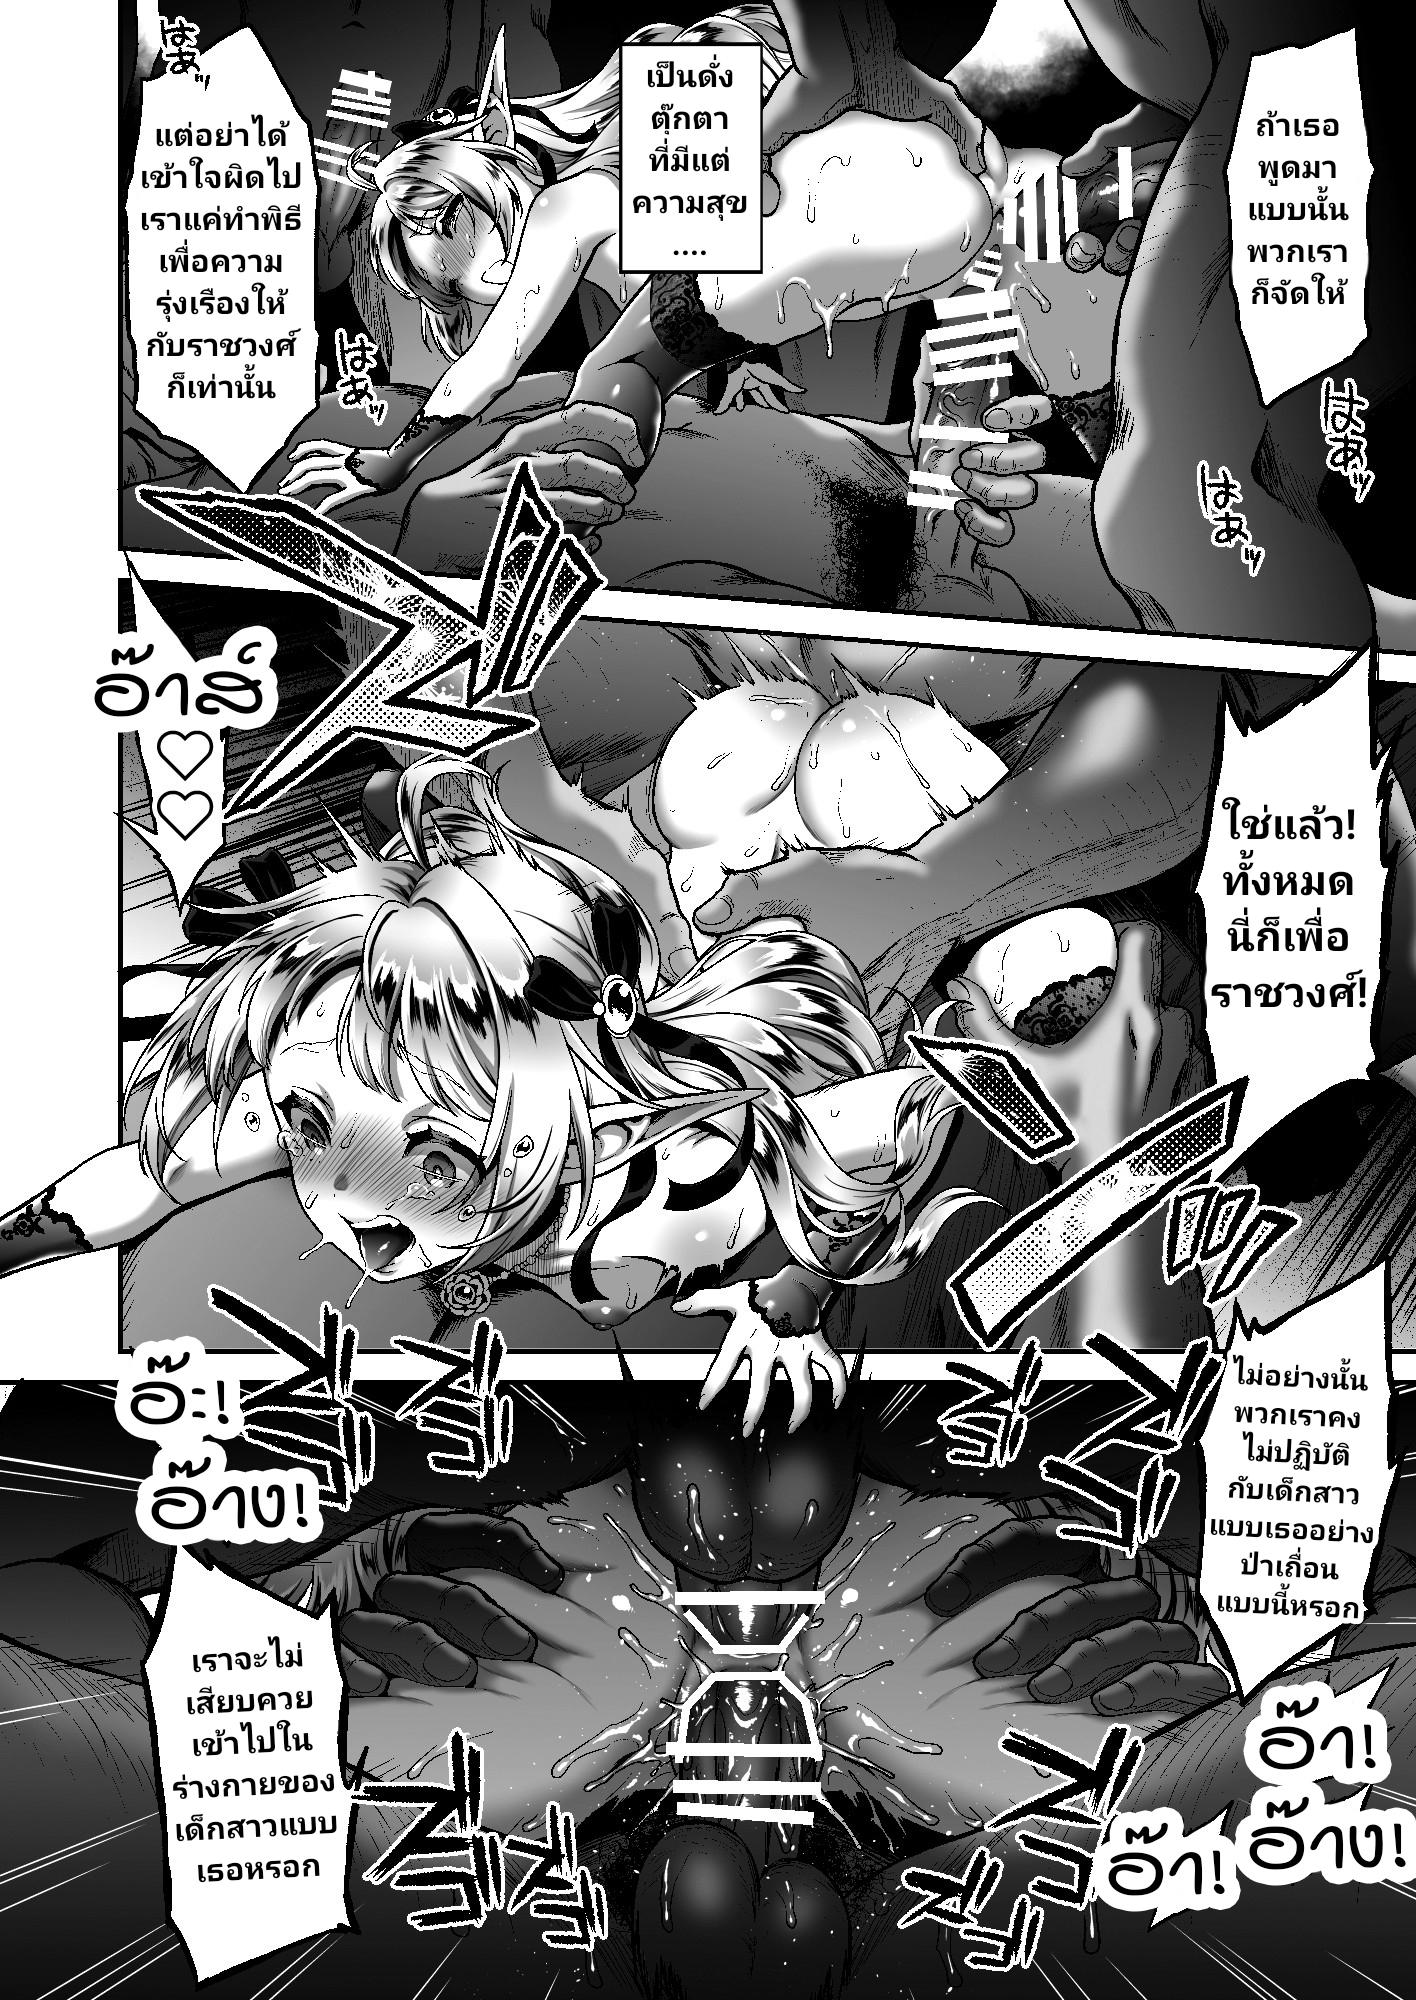 สิ้นศักดิ์ศรีโสเภณีไฮเอลฟ์ 6 - เนื้อเรื่องของเอ็มม่า ภาพ 25